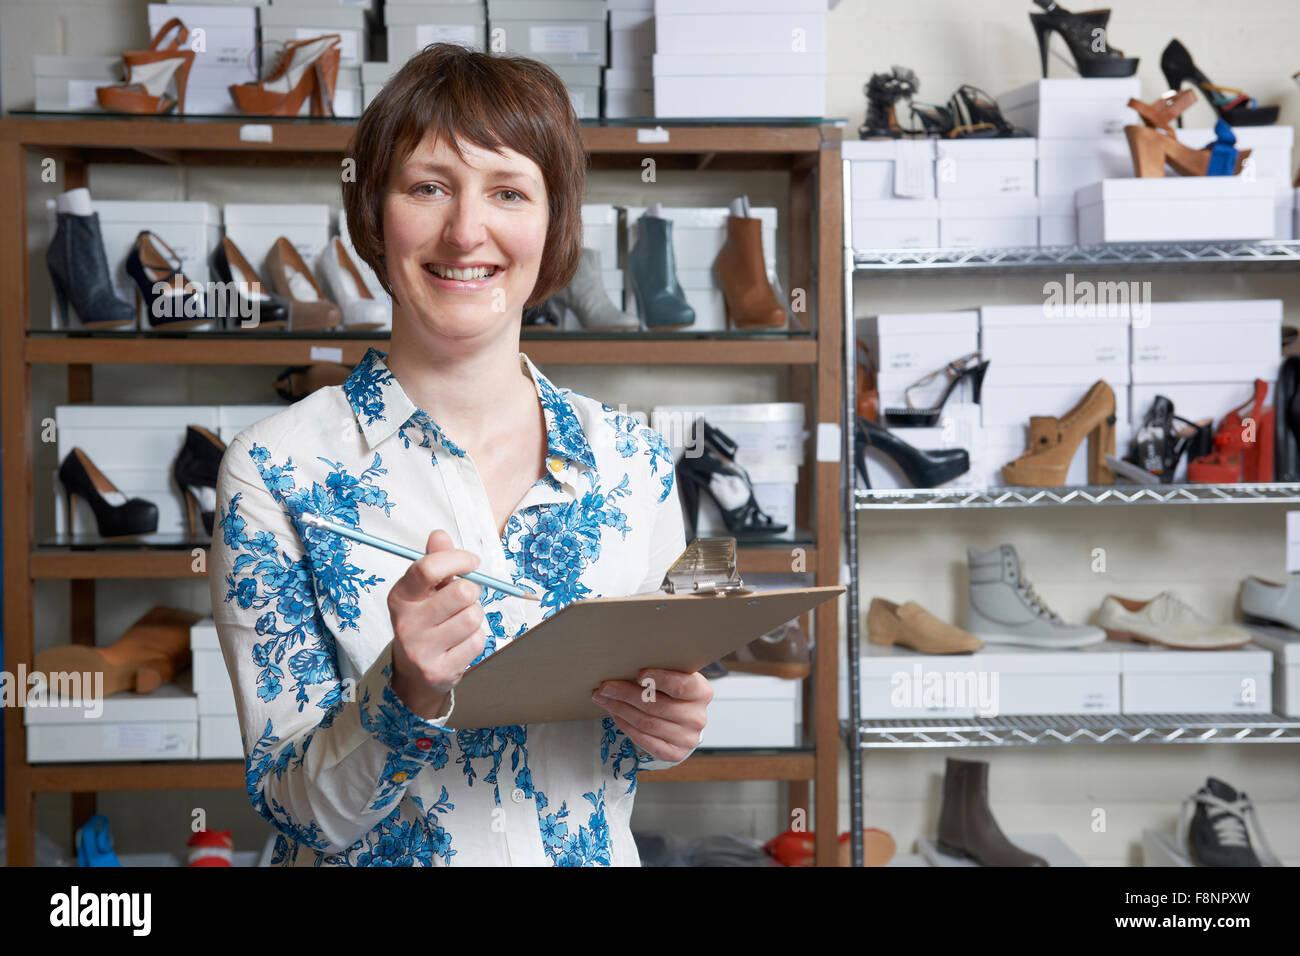 Femme propriétaire d'entreprise de chaussures en ligne avec presse-papiers Photo Stock